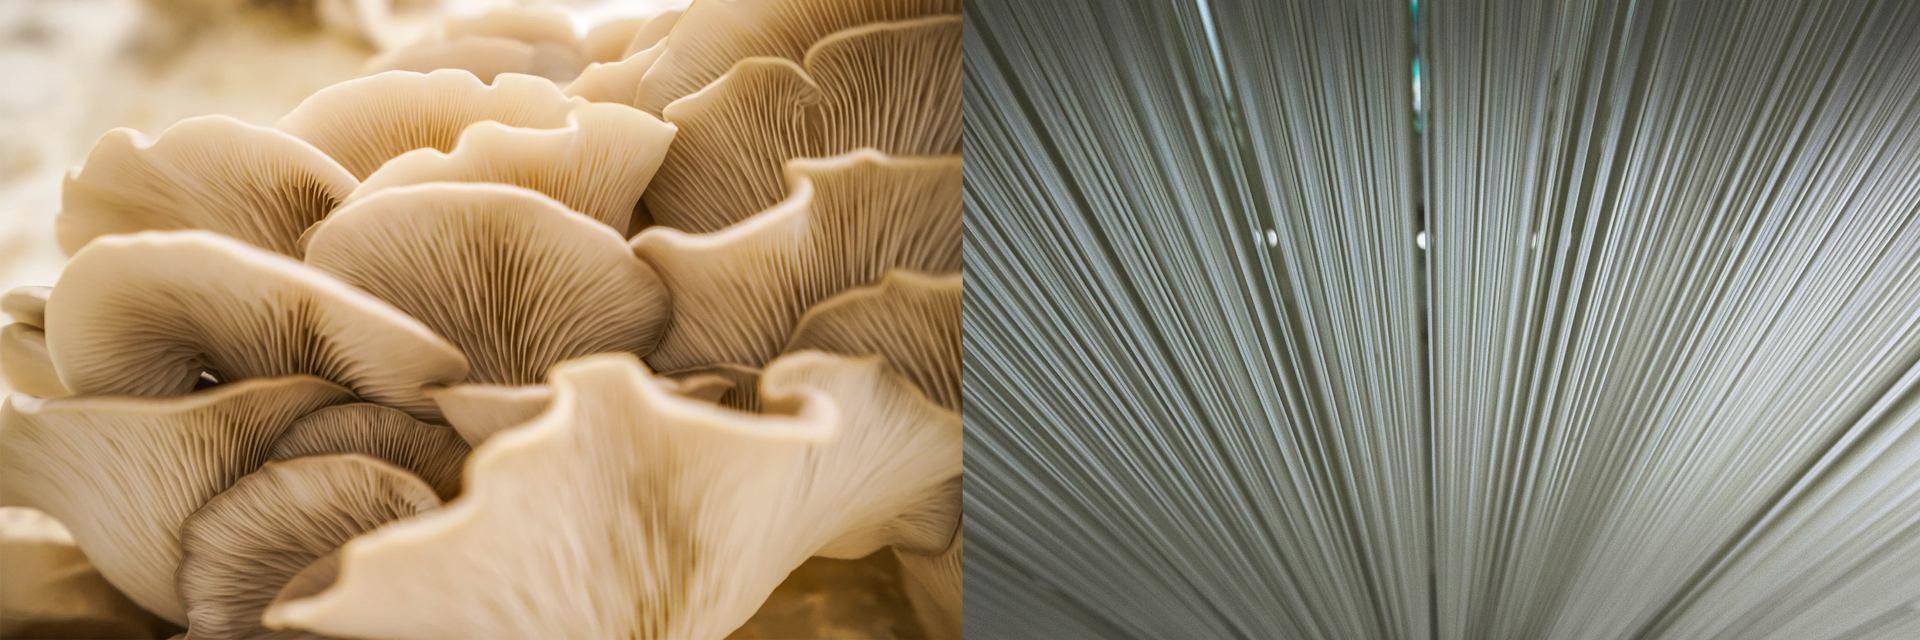 59 (champignons).jpg